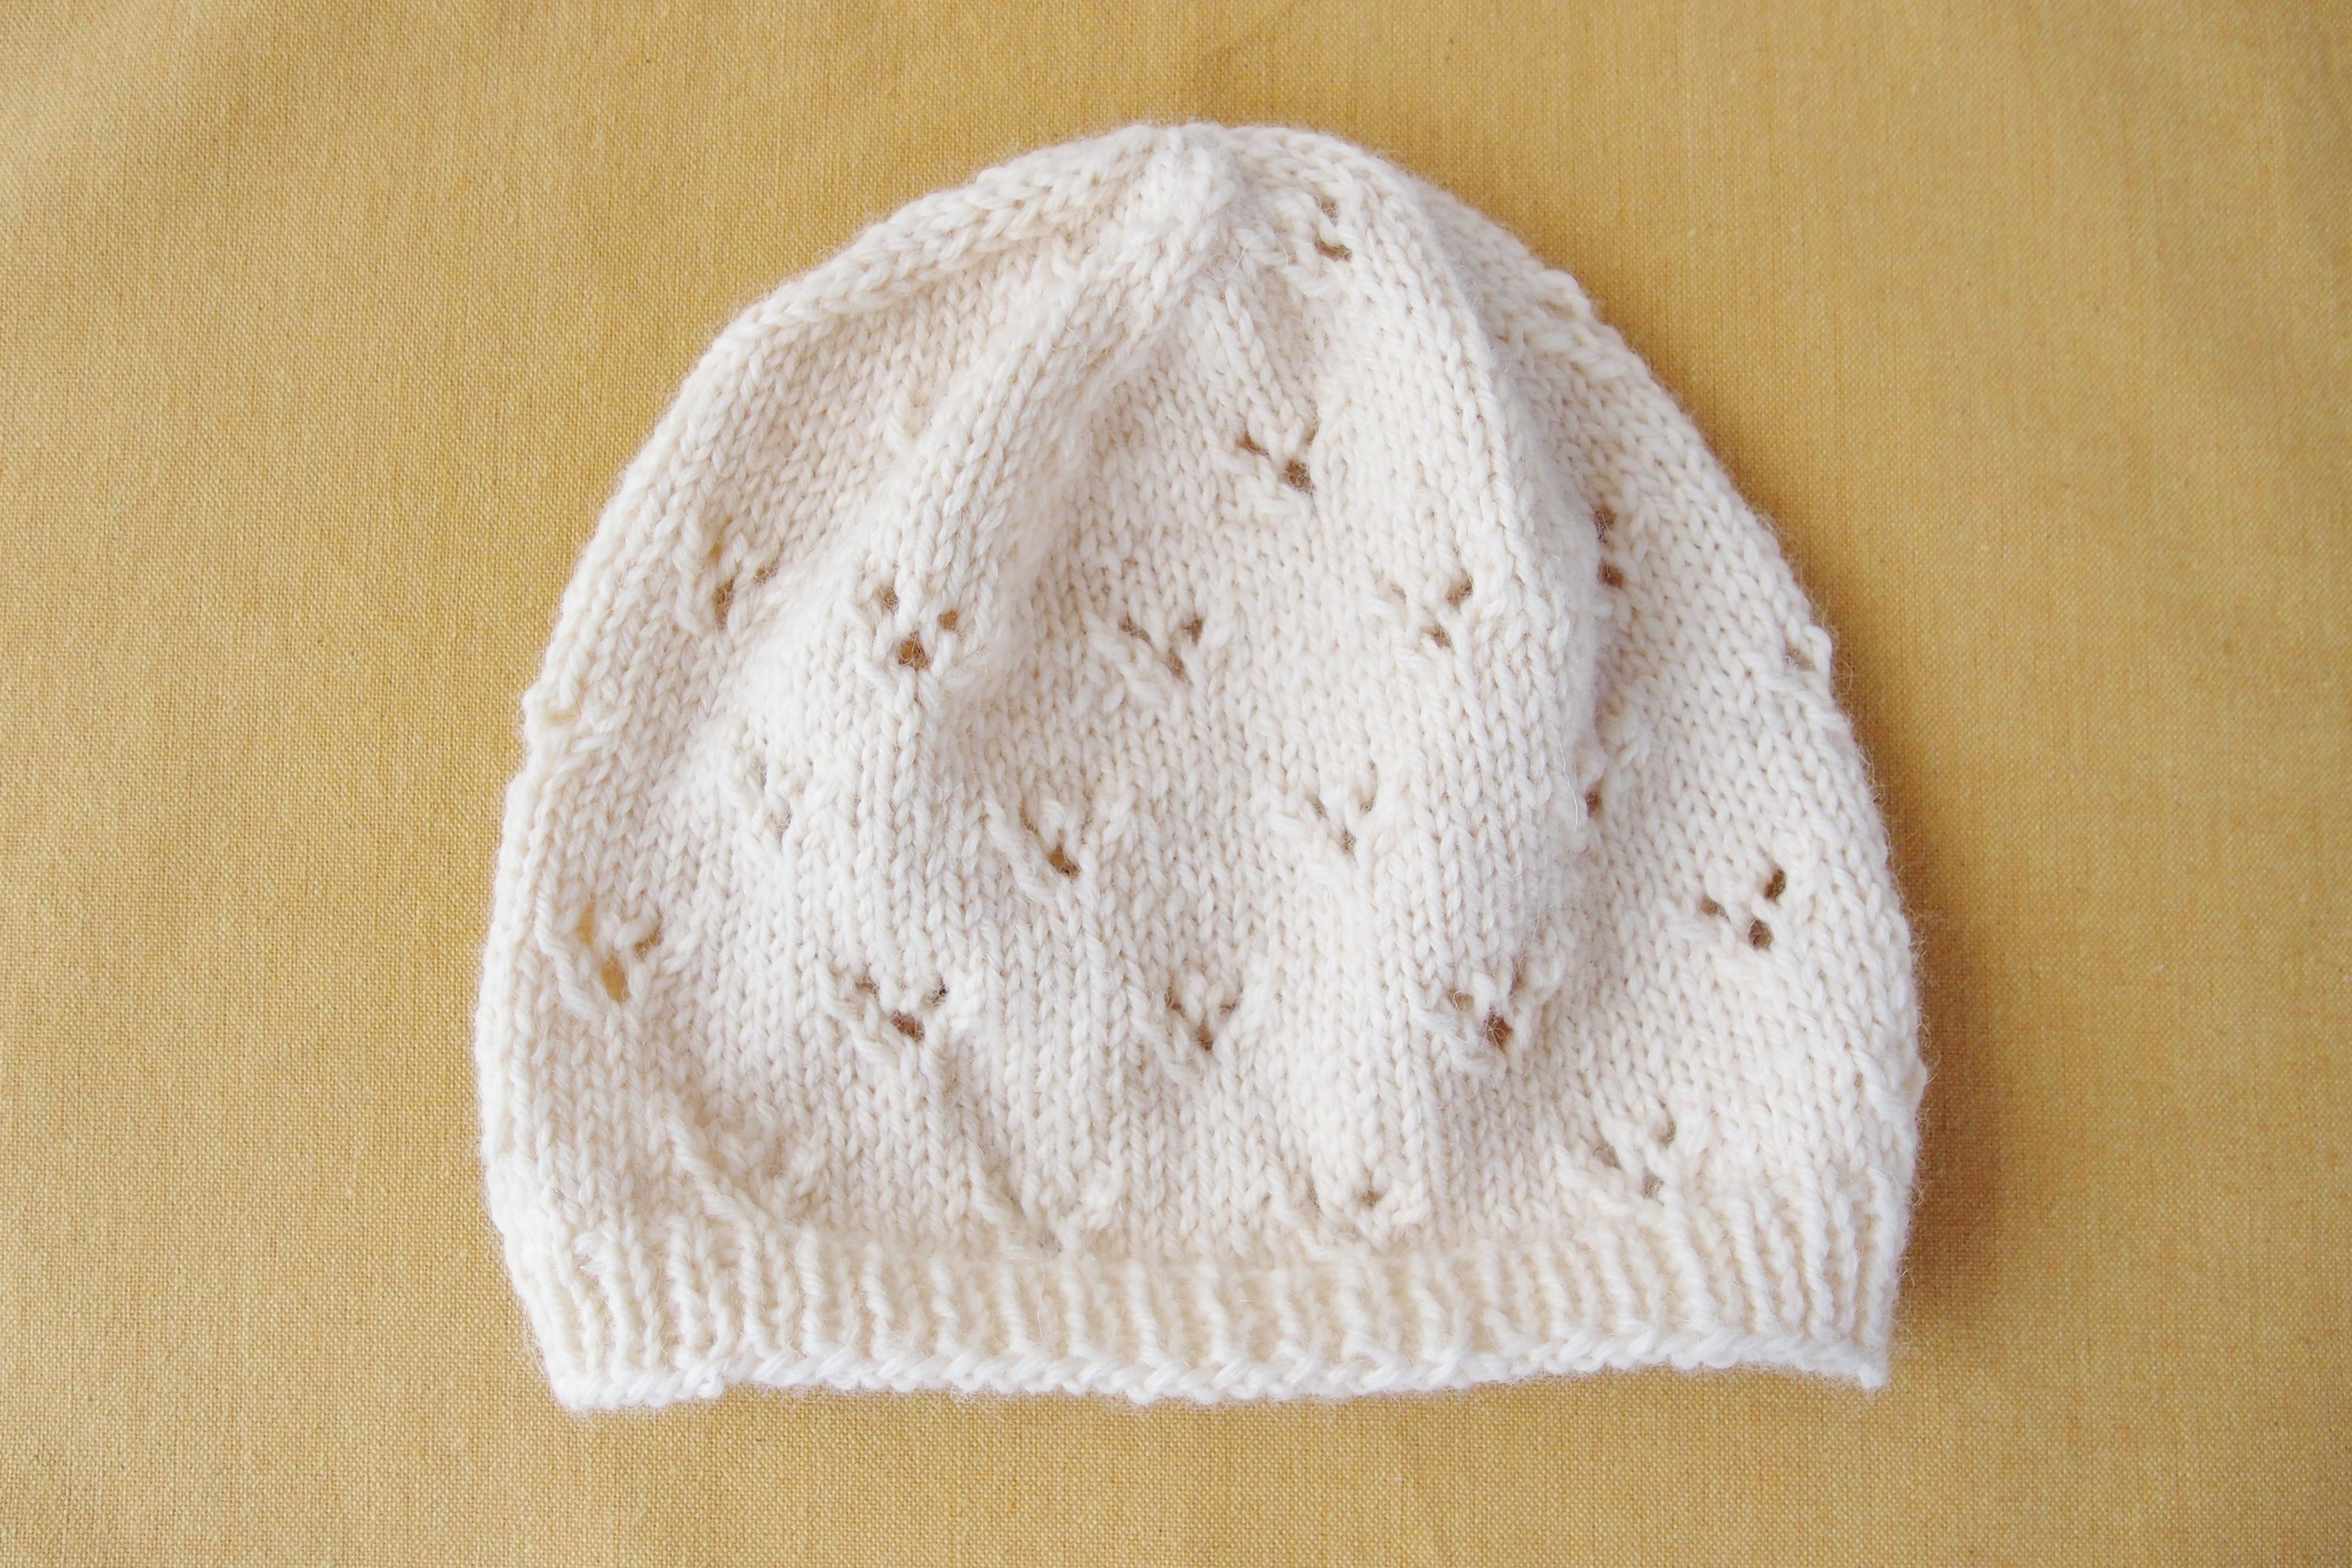 ヴォーグ社の「棒針編み〈入門コース〉通信講座」 第1回:「透かし模様のニット帽」